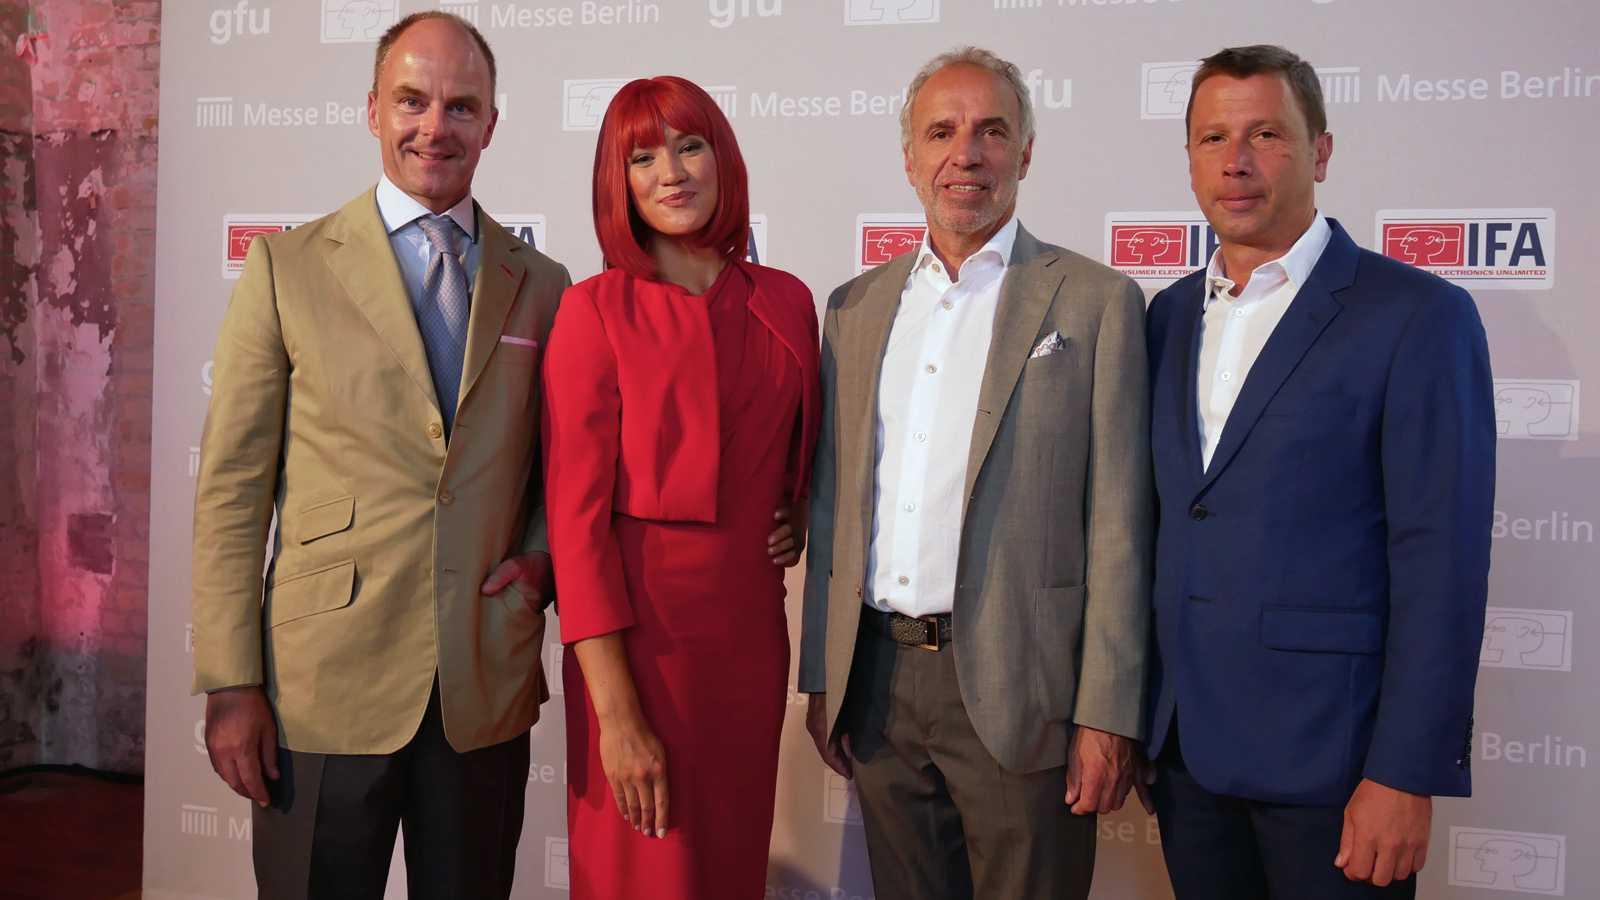 Freuen sich auf die IFA: Messe-Chef Christian Göke, Miss IFA, gfu-Aufsichtsrat Hans-Joachim Kamp und IFA-DIrektor Jens Heithecker.